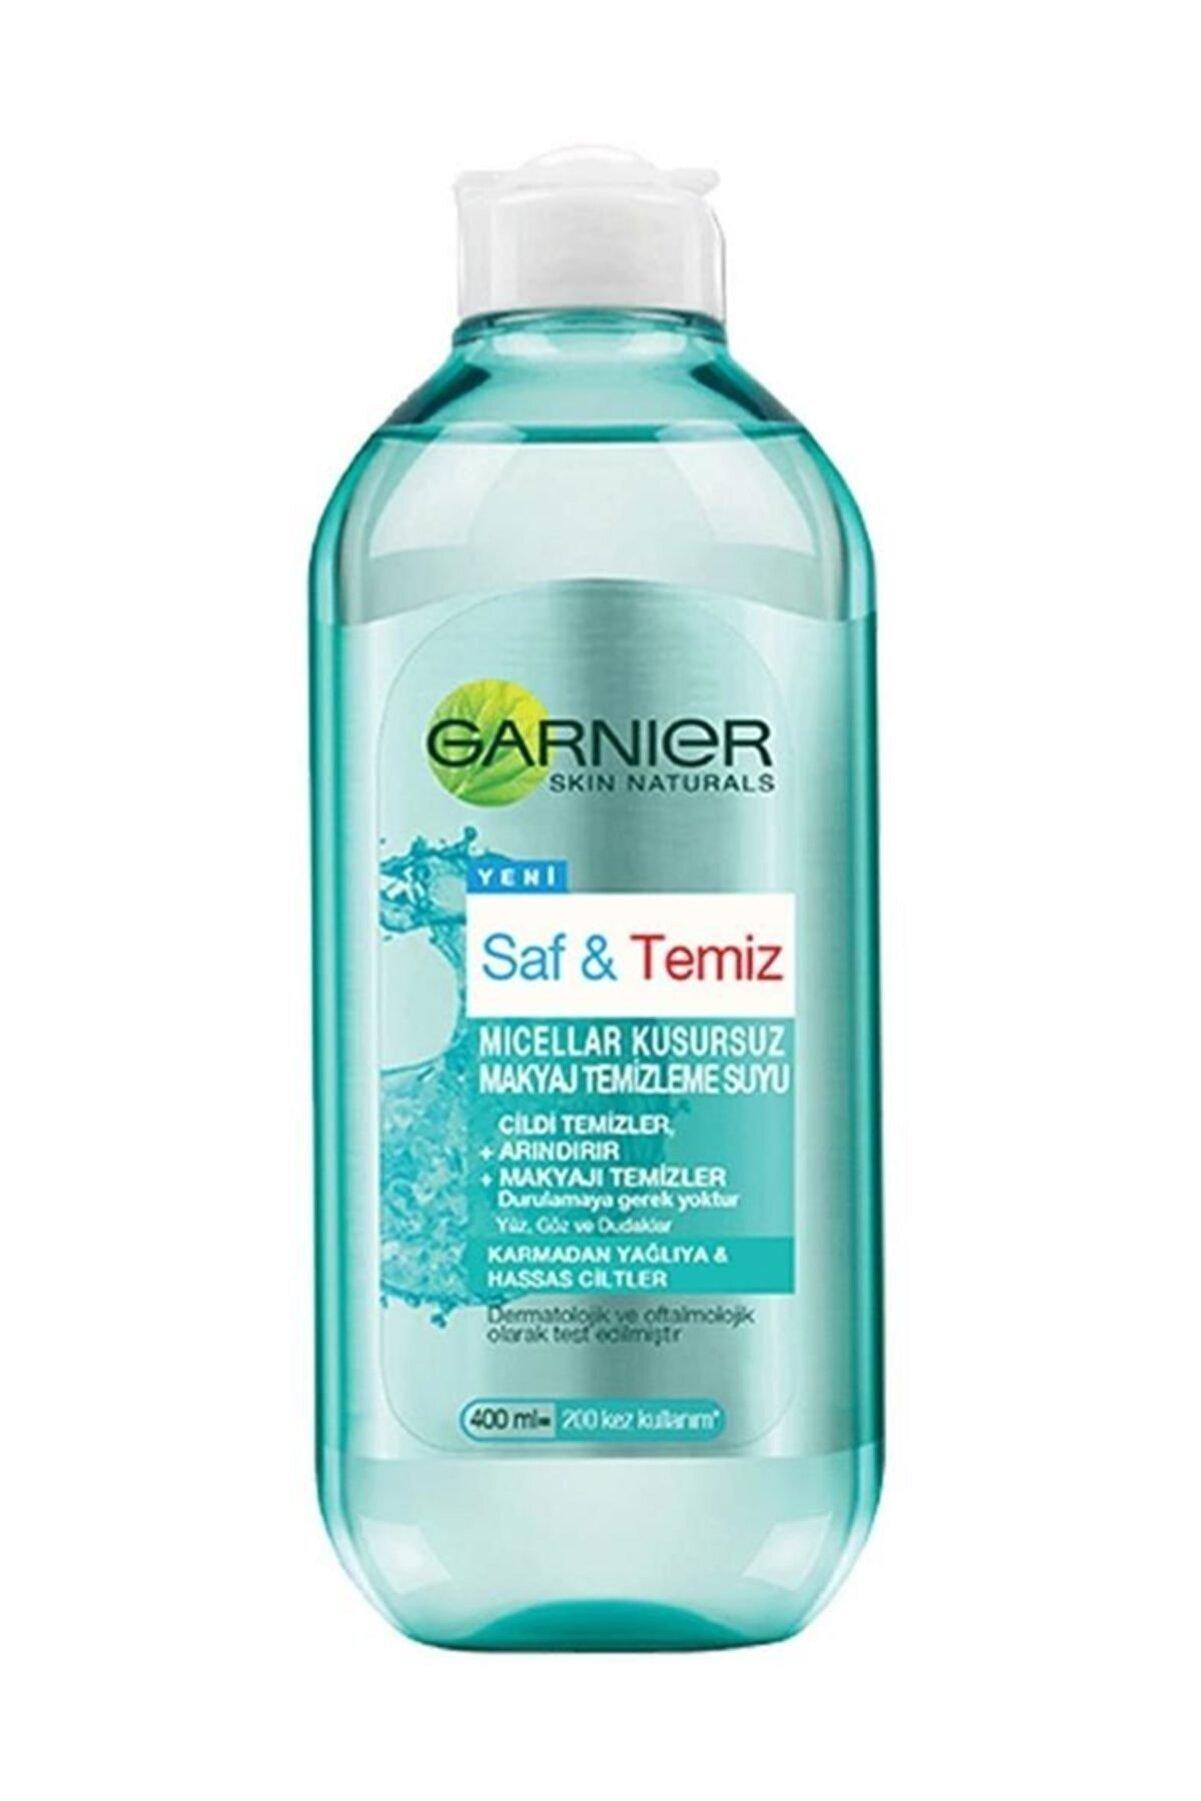 Garnier Saf & Temiz Kusursuz Makyaj Temizleme Suyu 400 ml